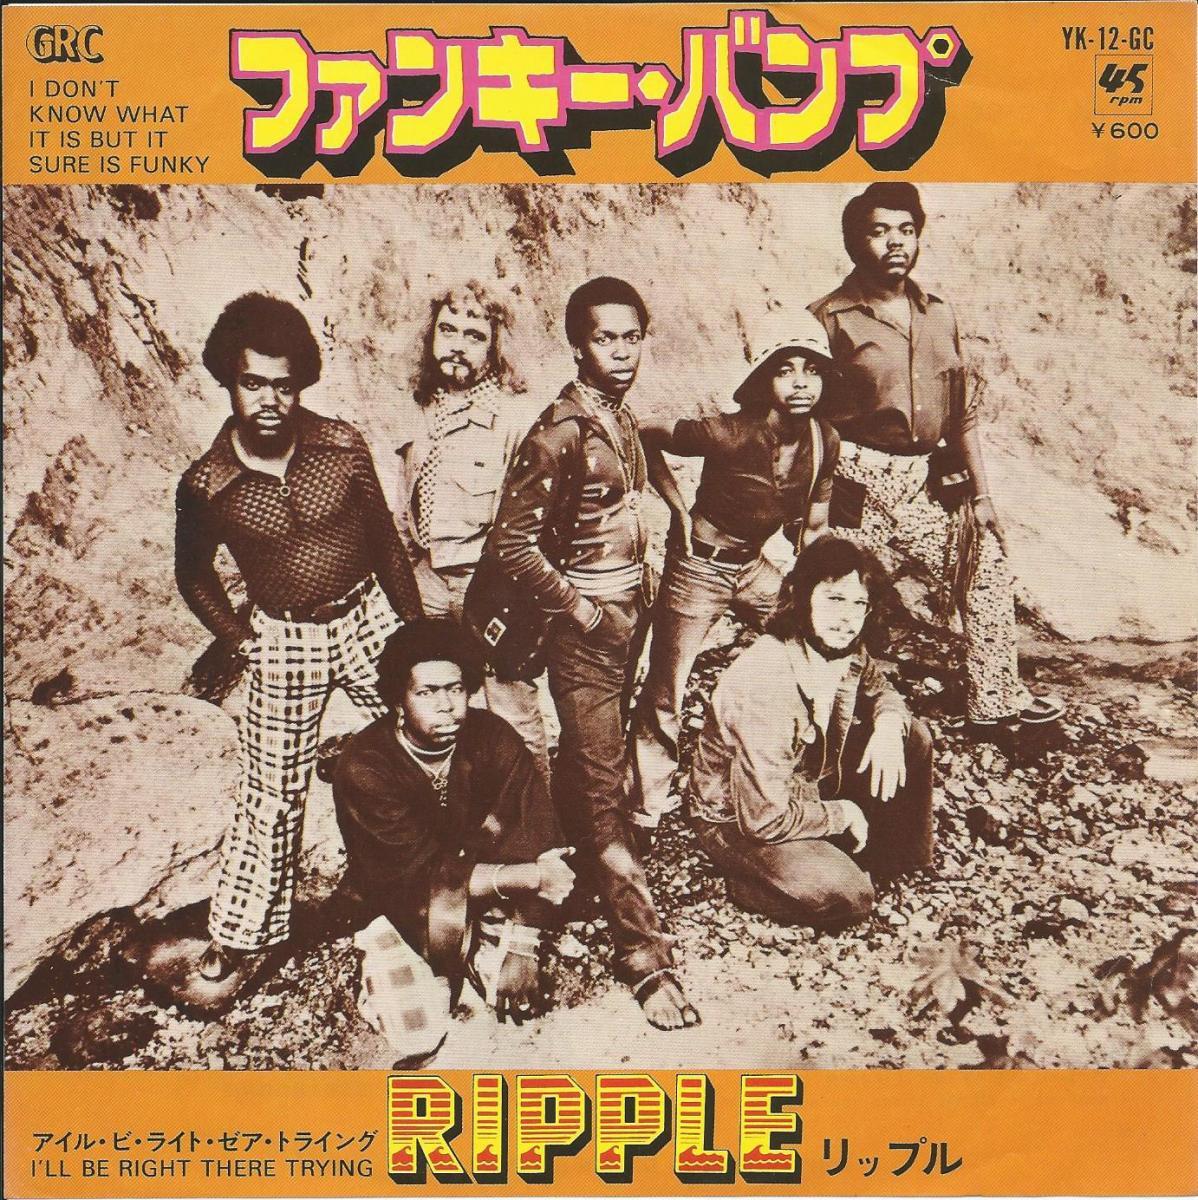 リップル RIPPLE / ファンキー・バンプ I DON'T KNOW WHAT IT IS BUT IT SURE IS FUNKY (7